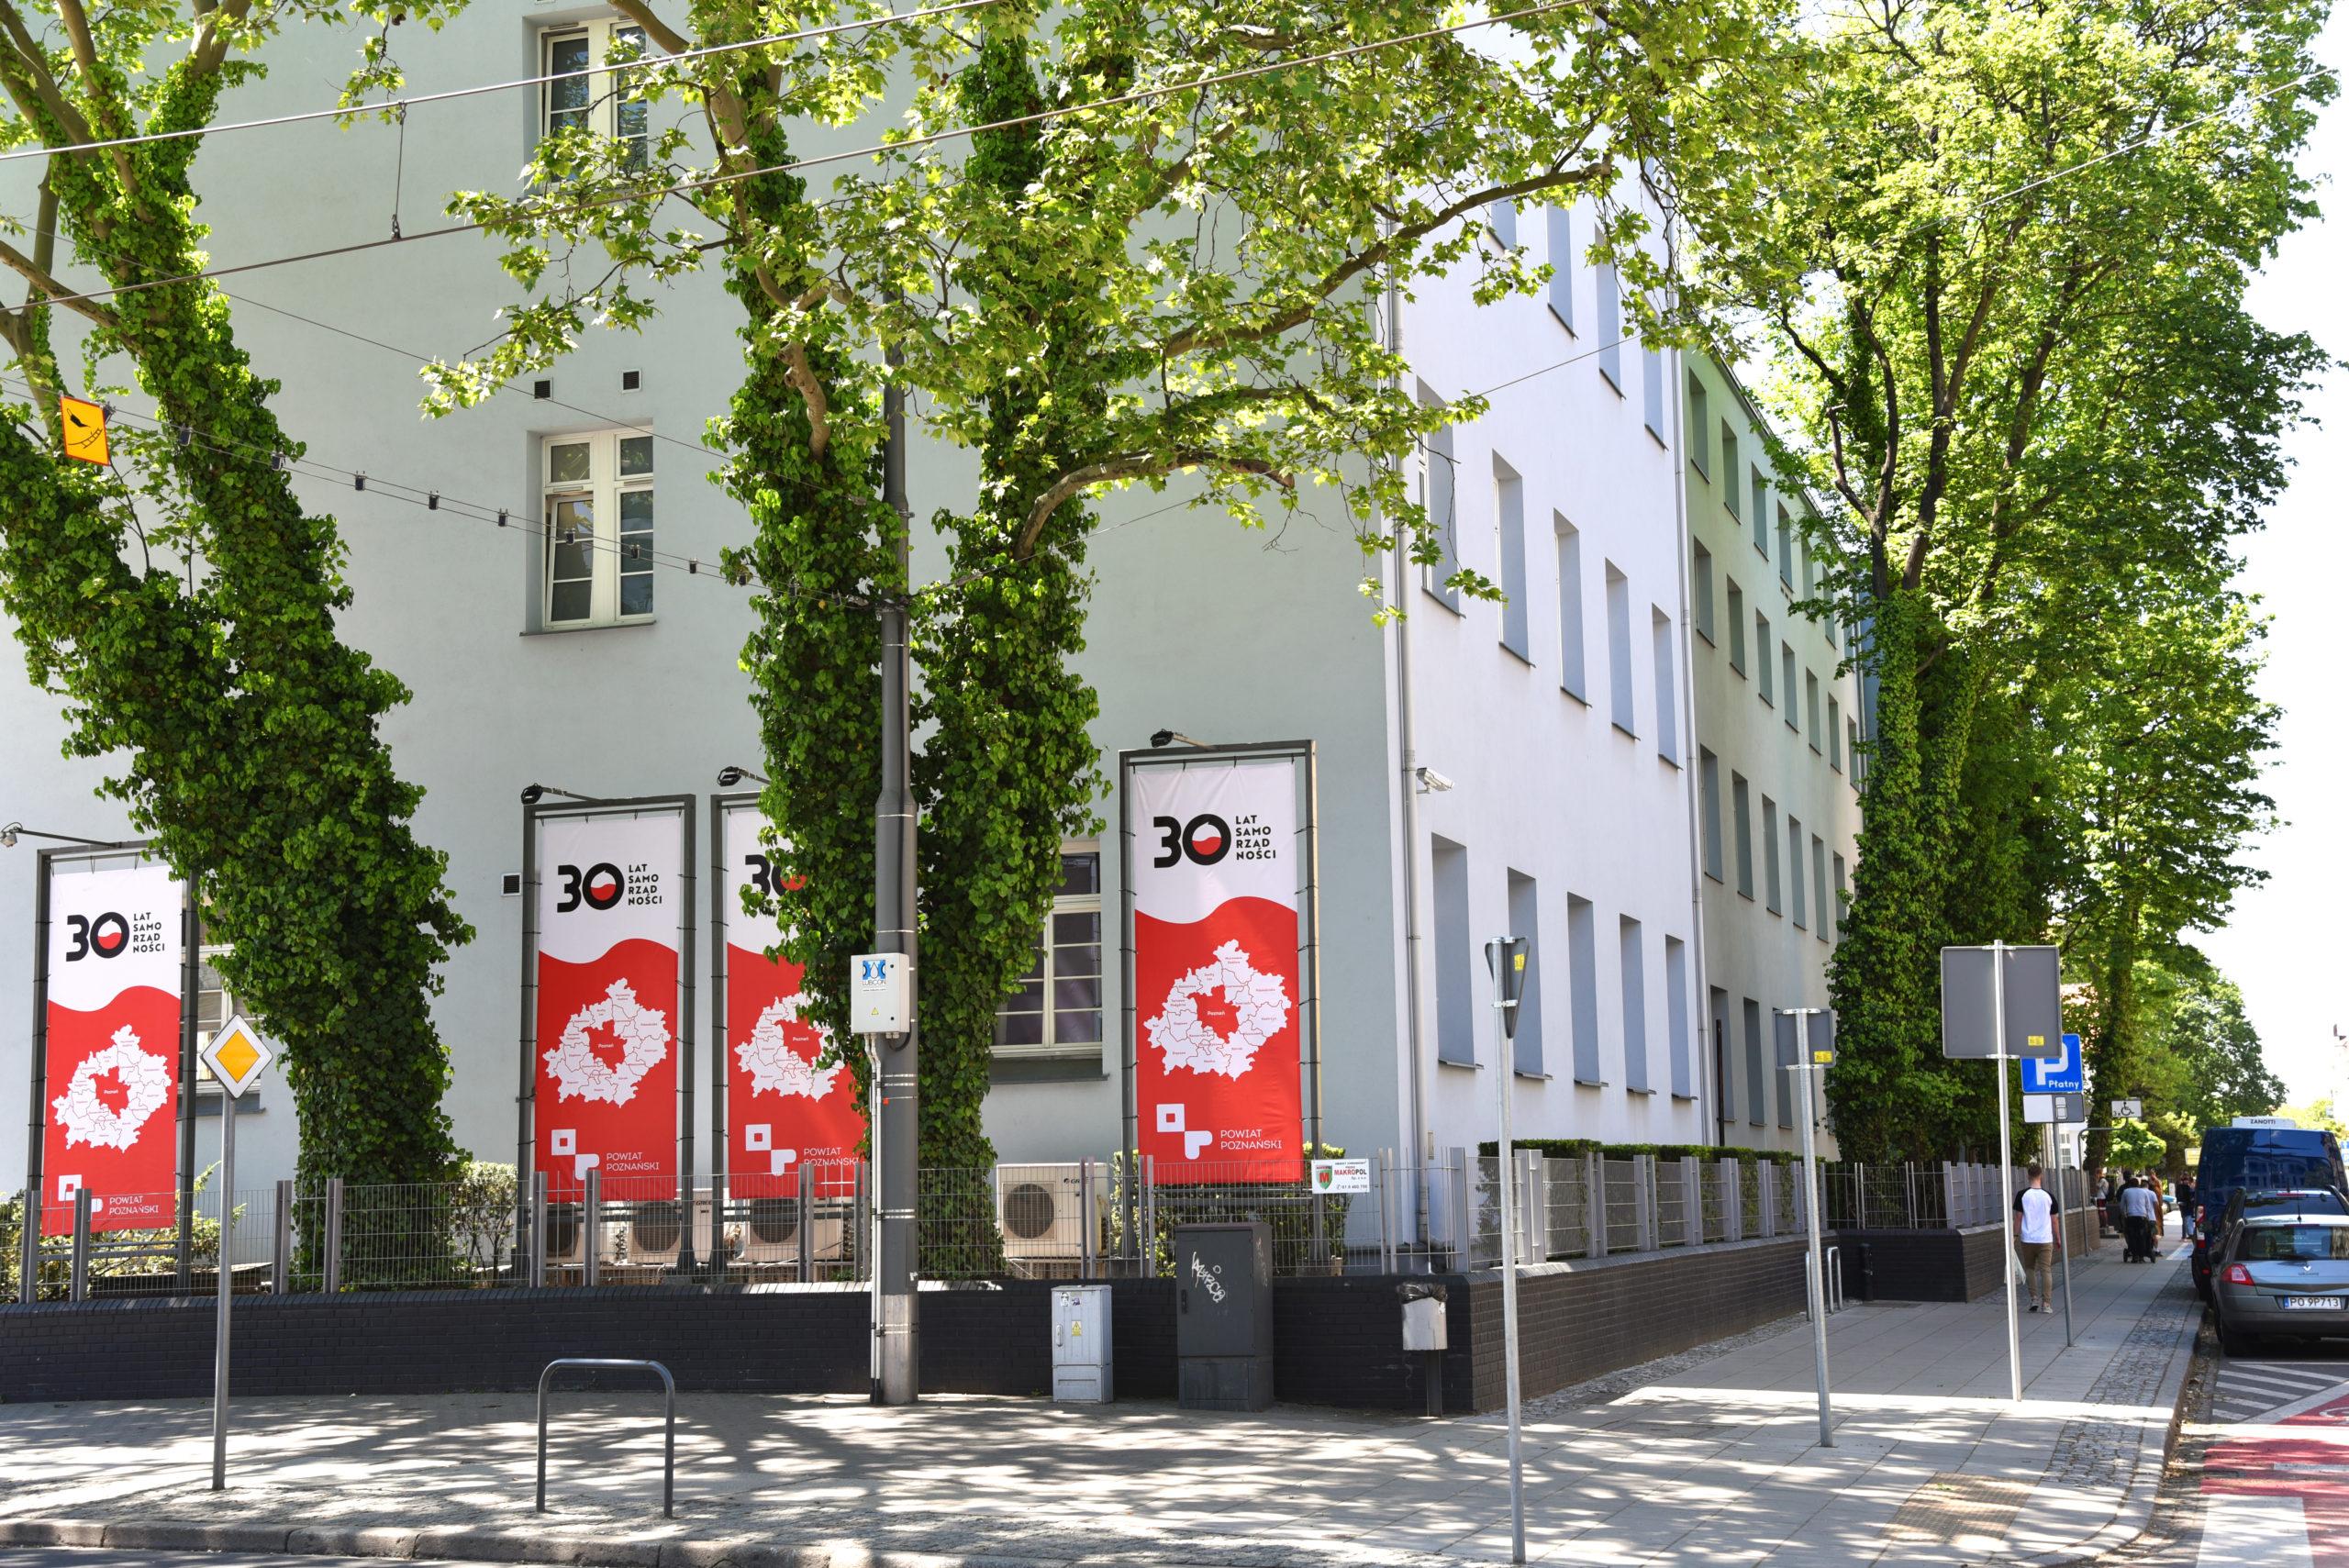 banery z logiem 30-lecia samorządności przy budynku Starostwa Powiatowego w Poznaniu